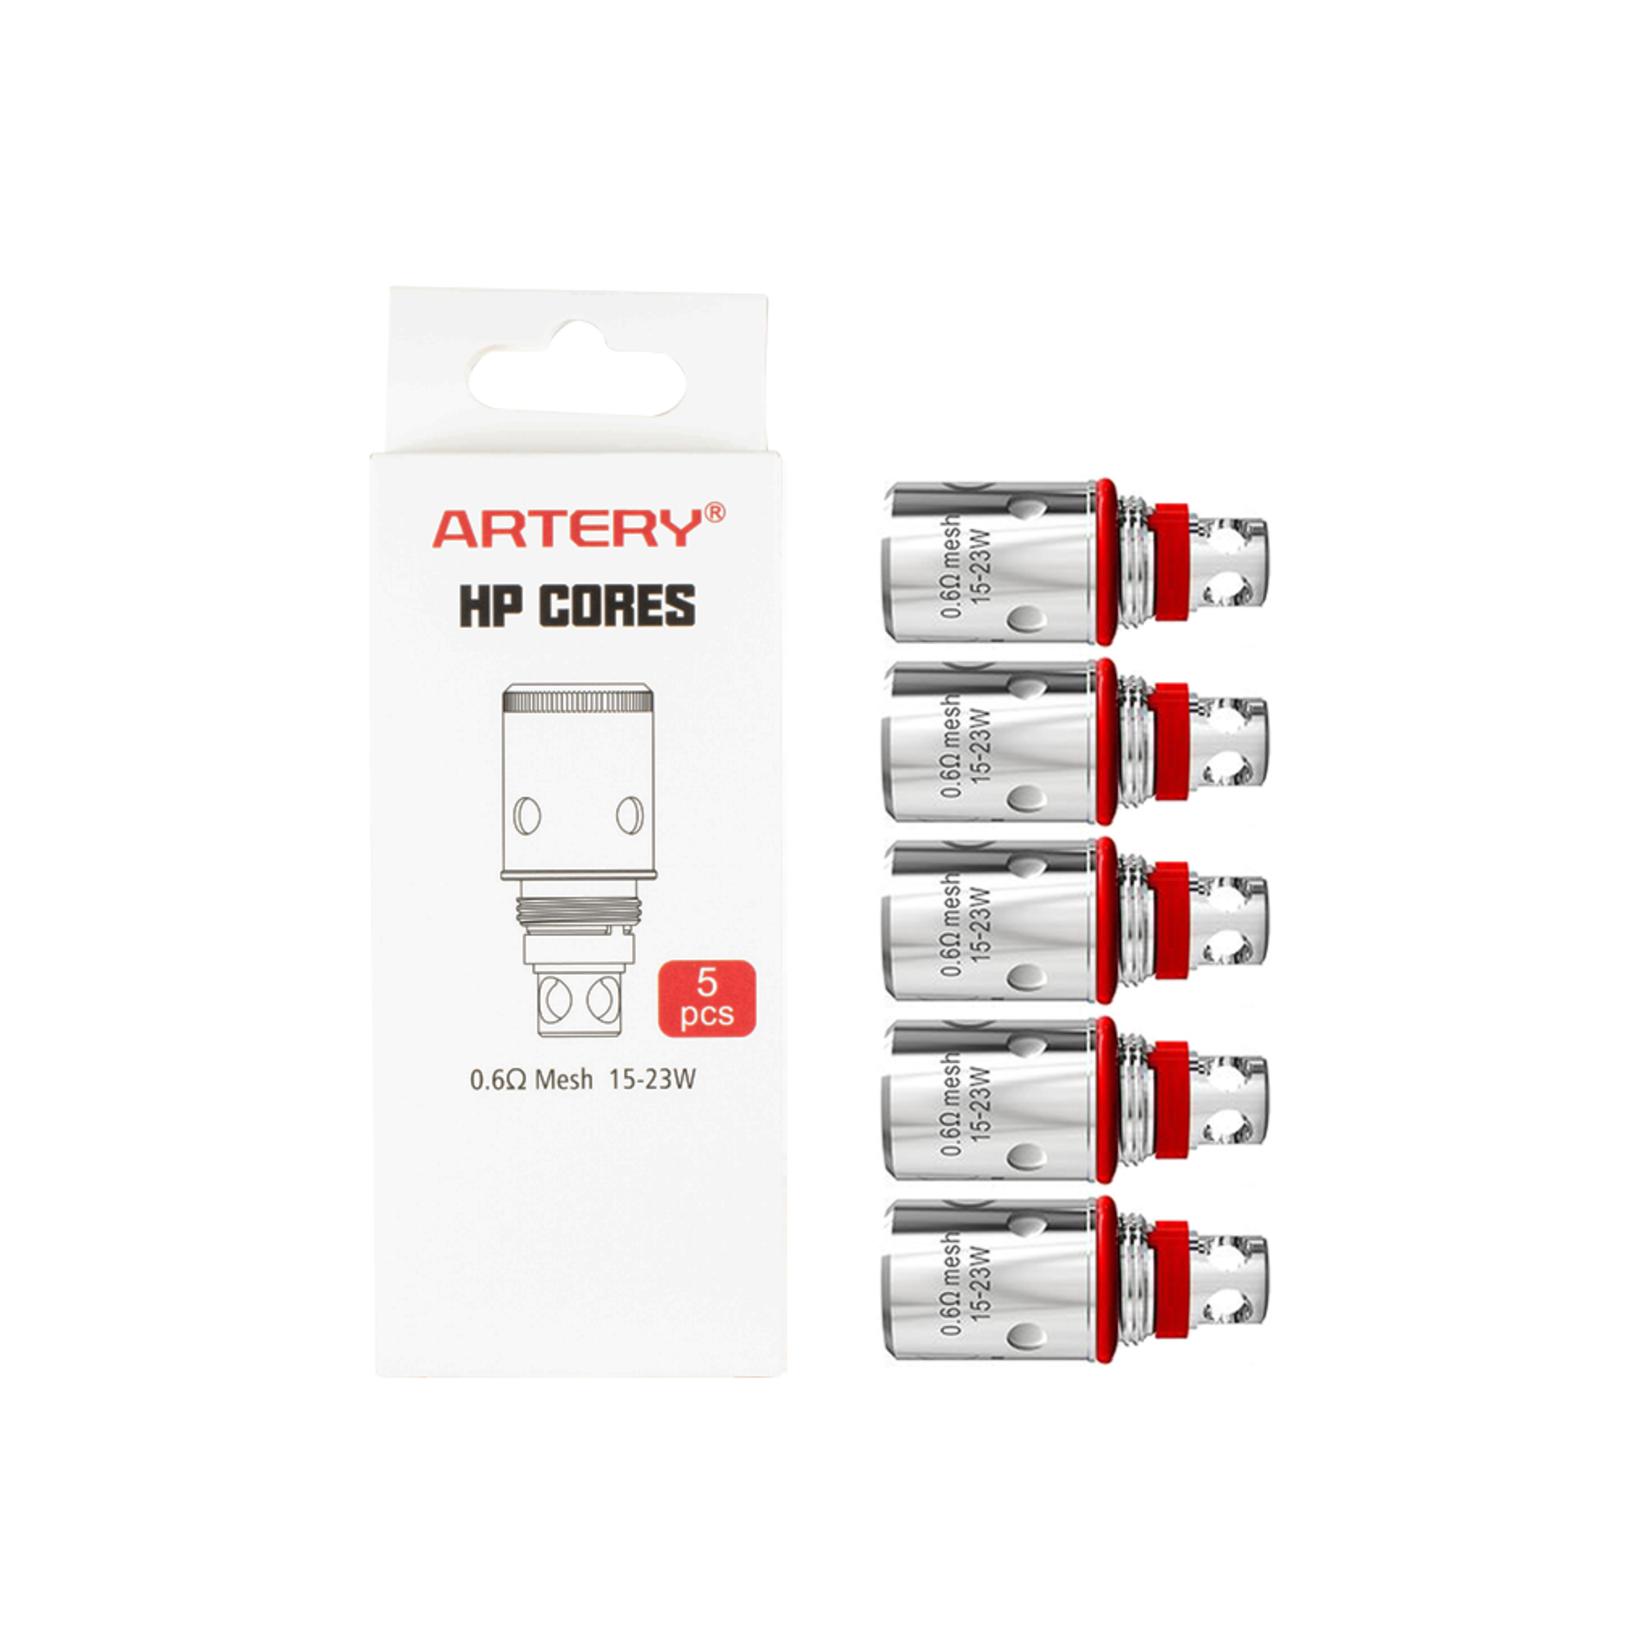 Artery HP Core 0.6 Ohm Mesh Coil